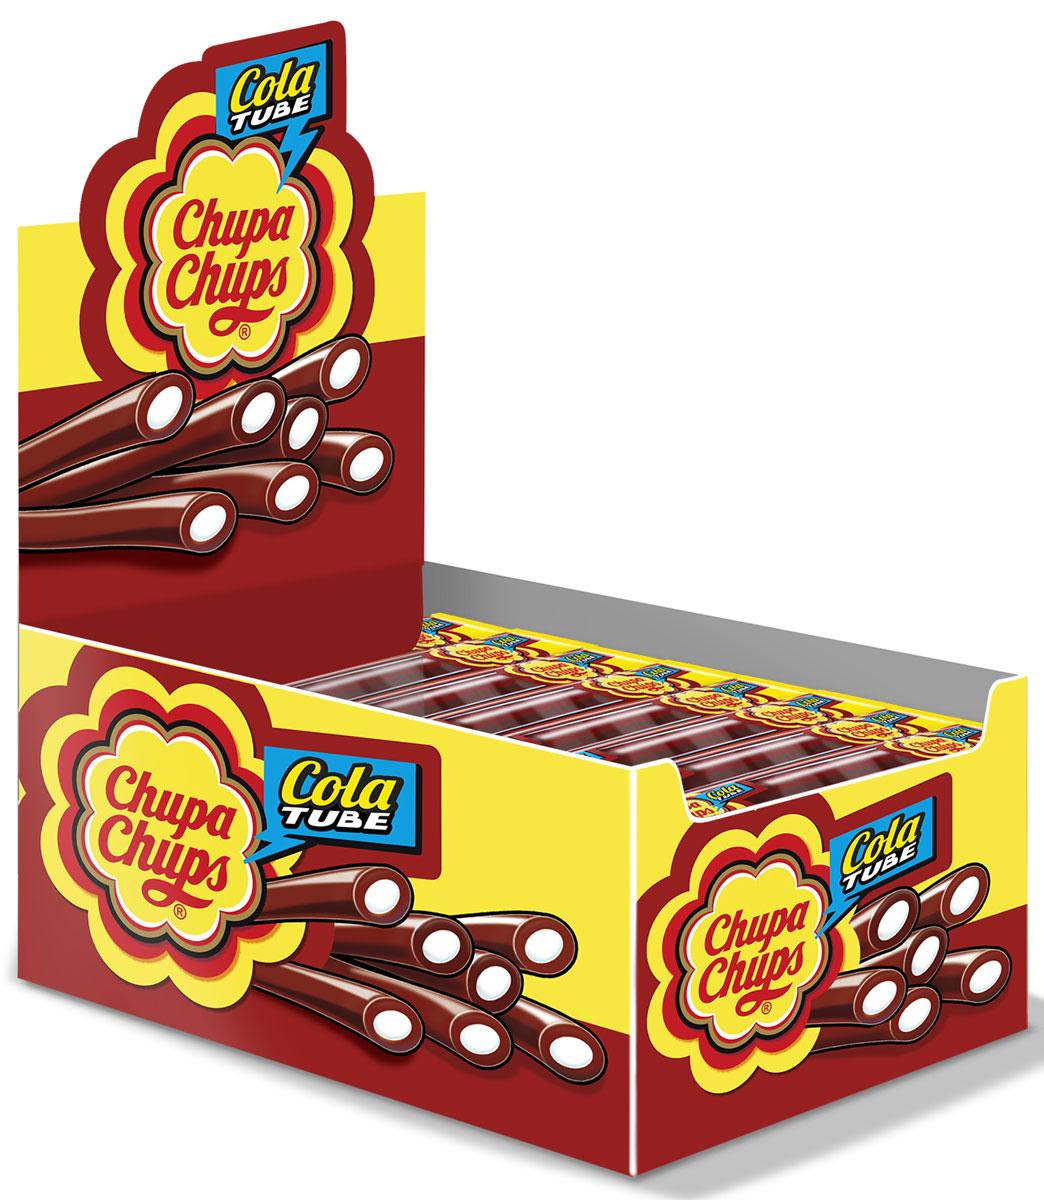 Chupa-Chups Cola Tube жевательный мармелад со вкусом колы, 50 шт по 10 г ударница мармелад со вкусом черной смородины 325 г